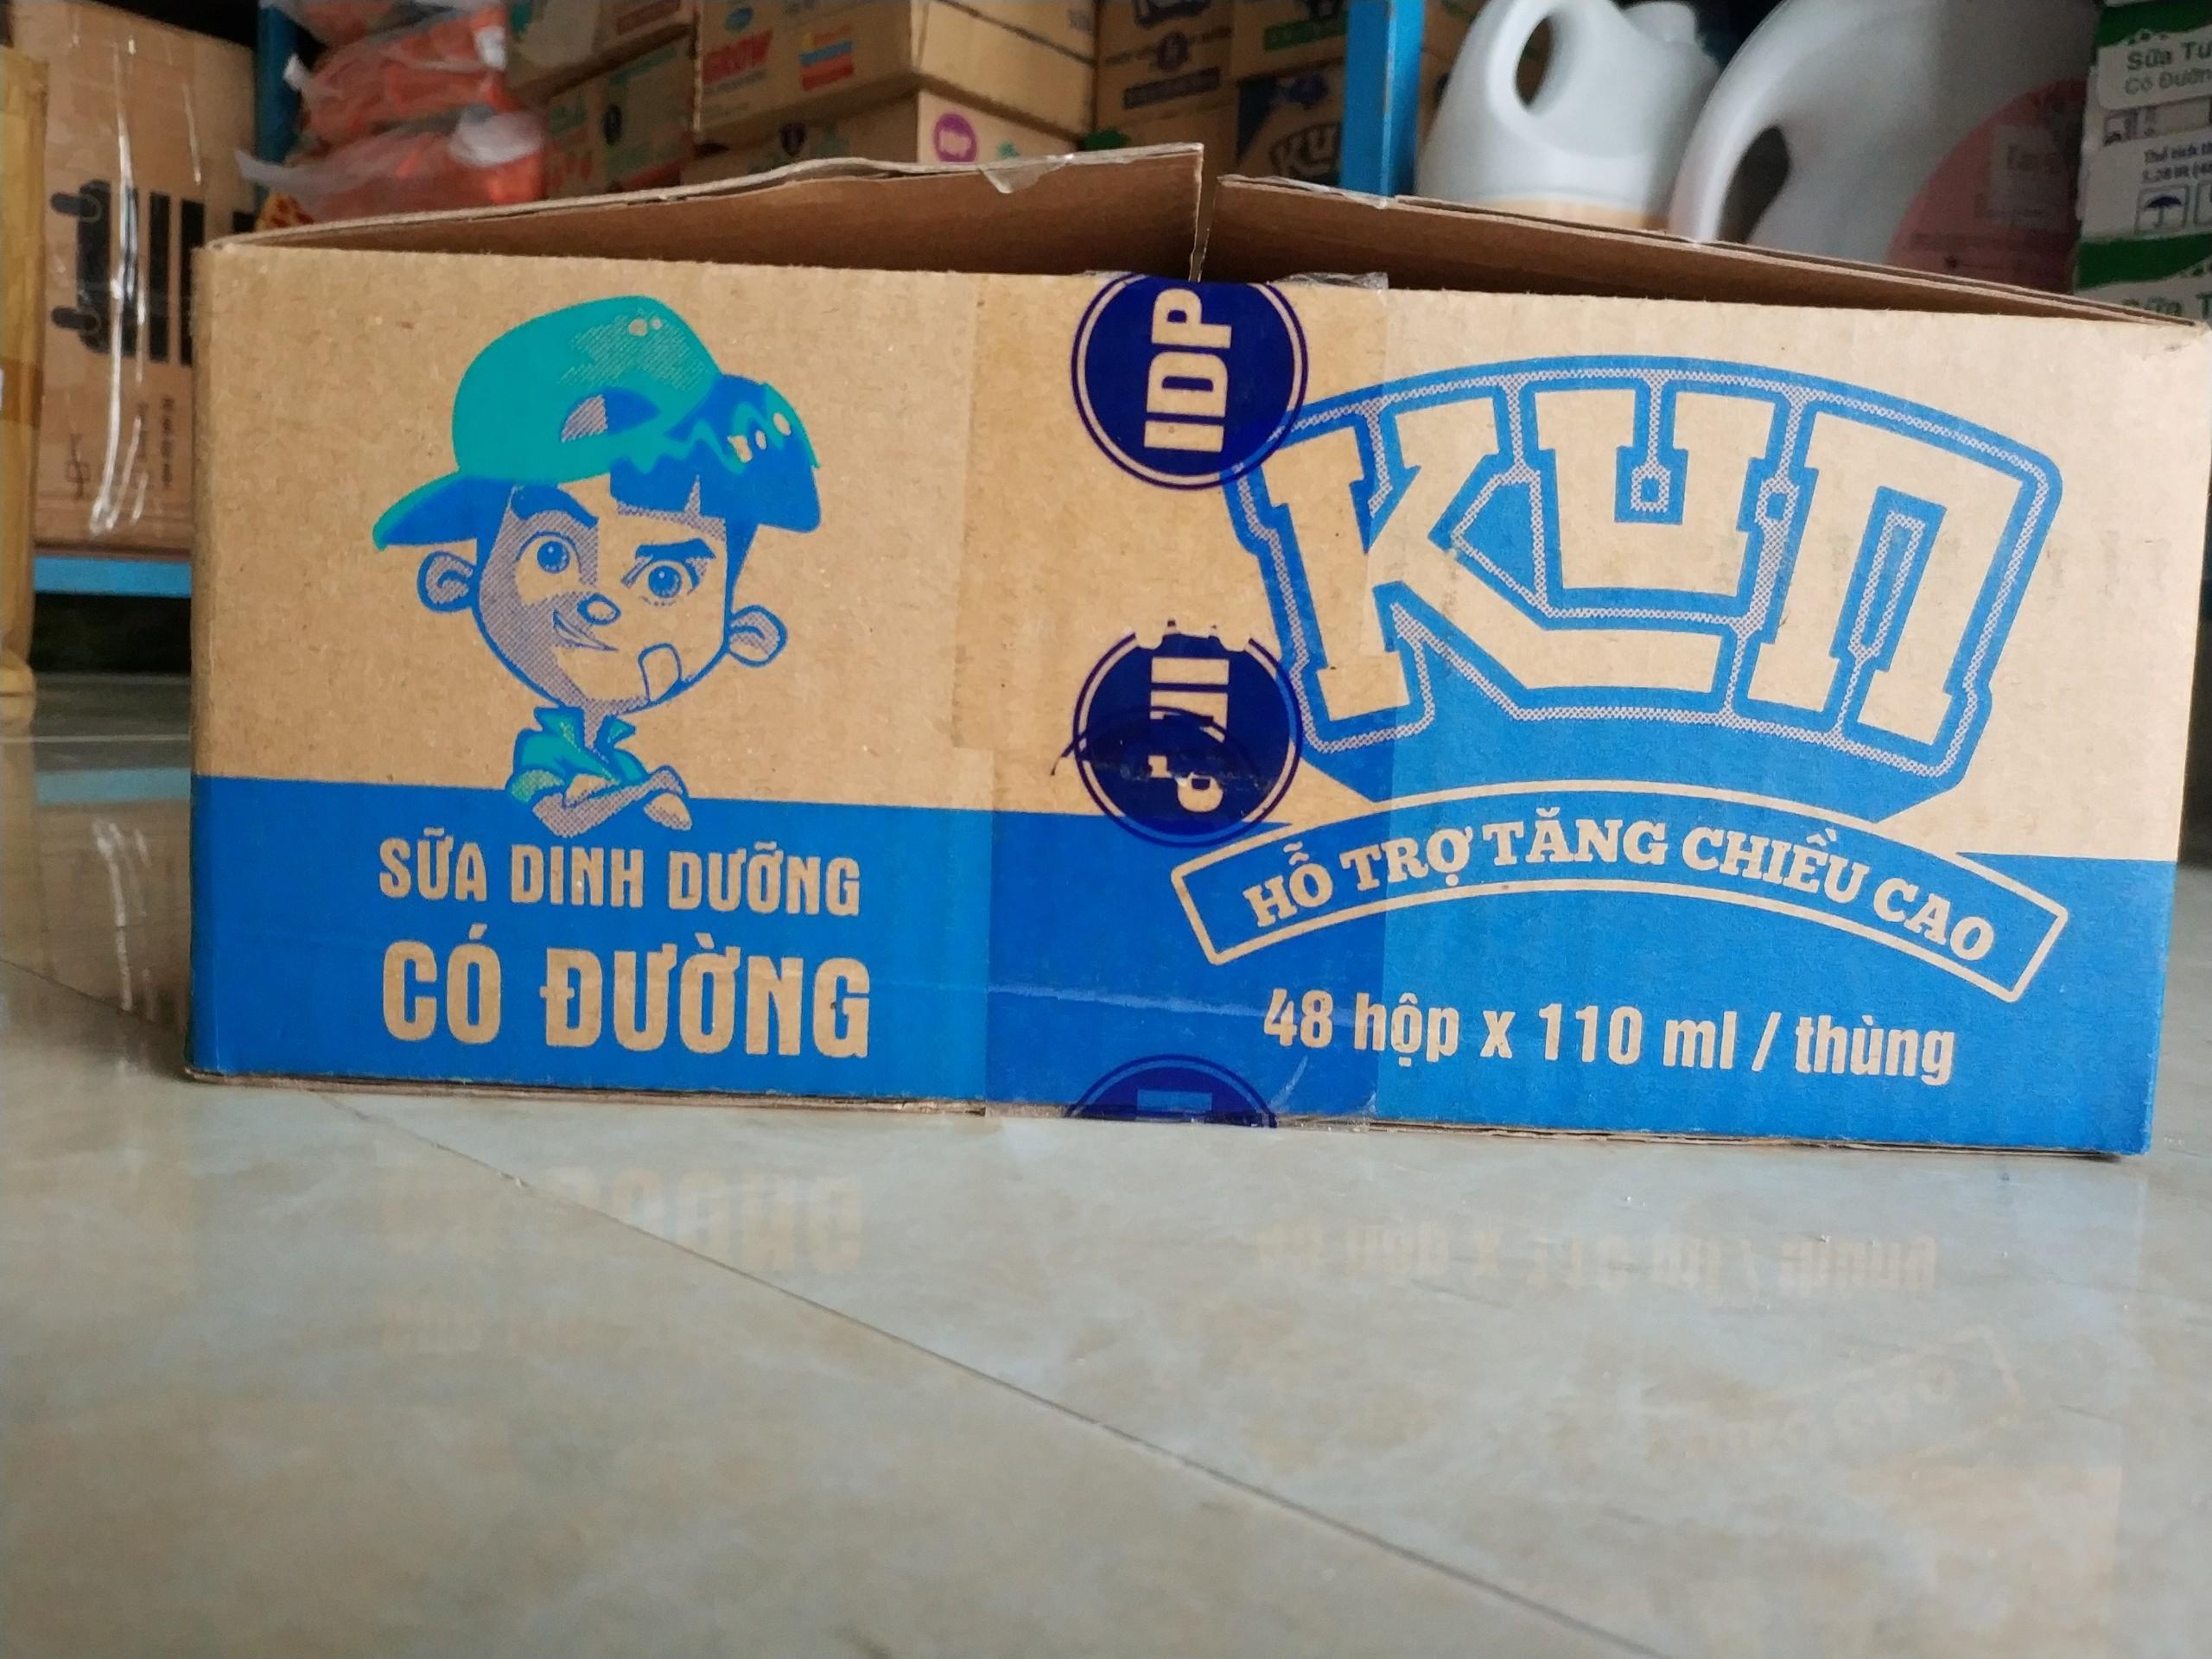 Sữa Kun hỗ trợ tăng chiều cao 110ml